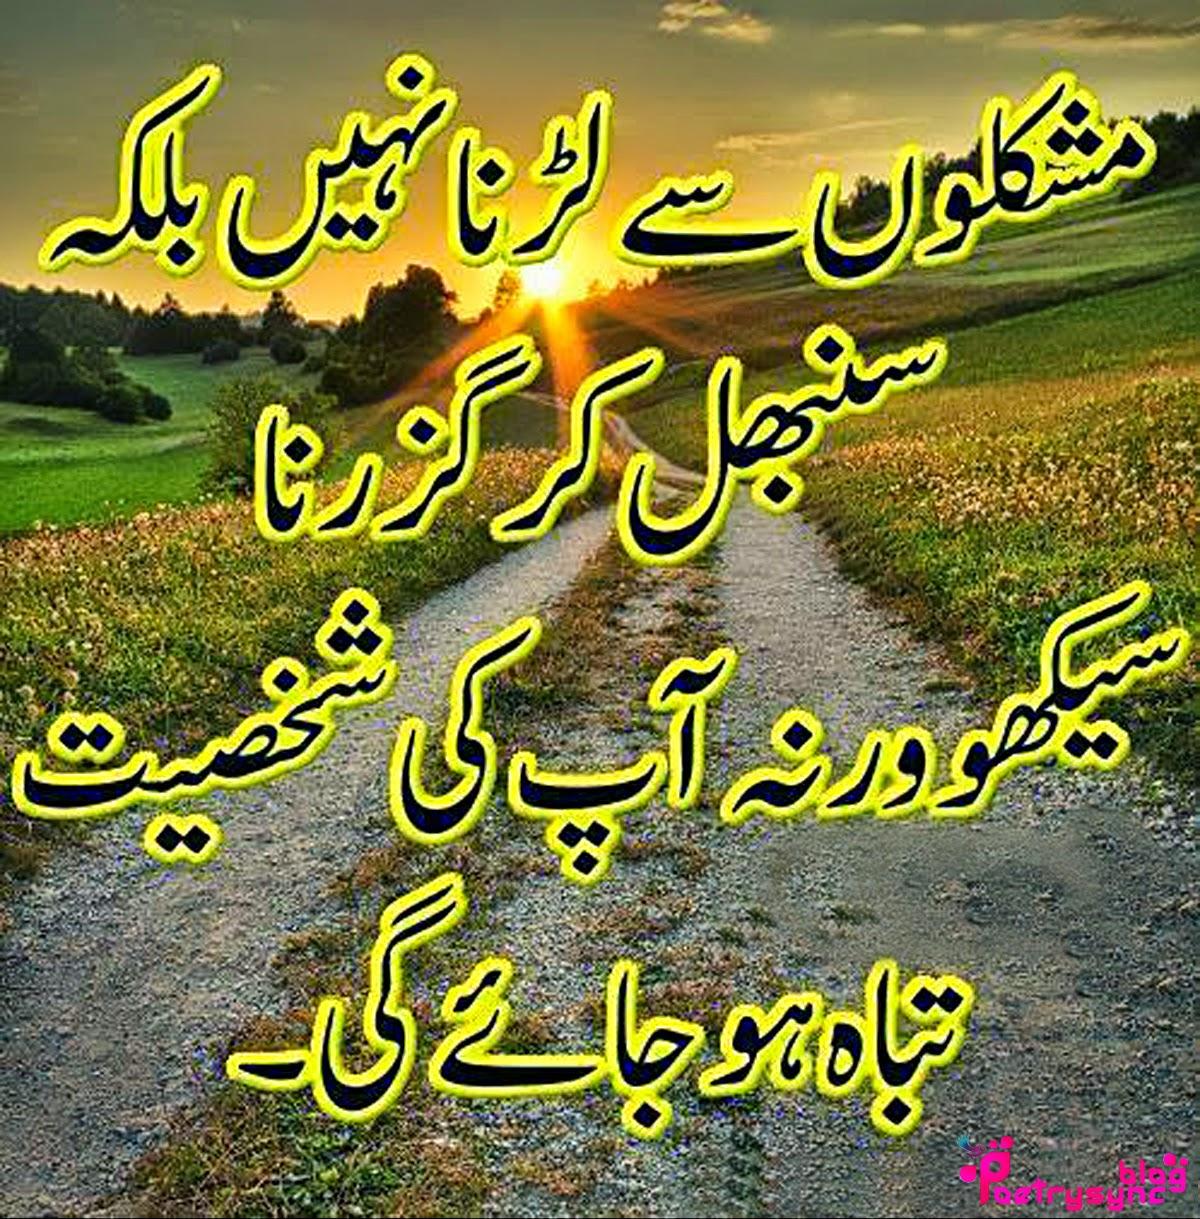 Life Quotes In Urdu. QuotesGram